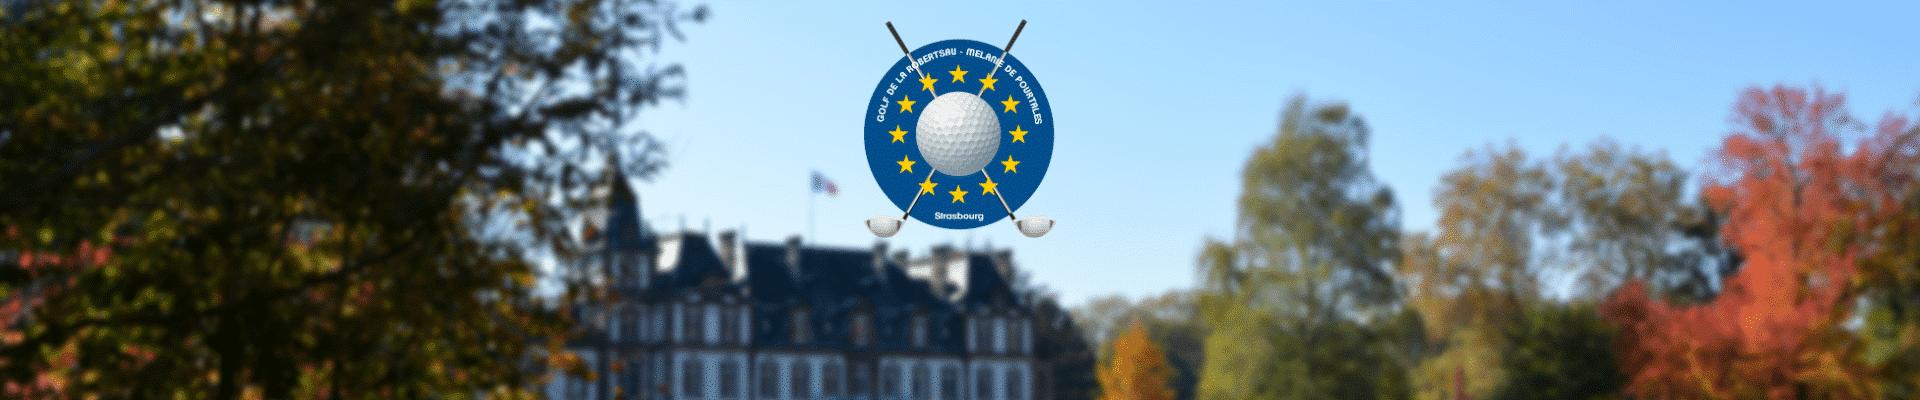 Un parcours de golf dans le parc du château de Pourtalès pour le printemps 2021